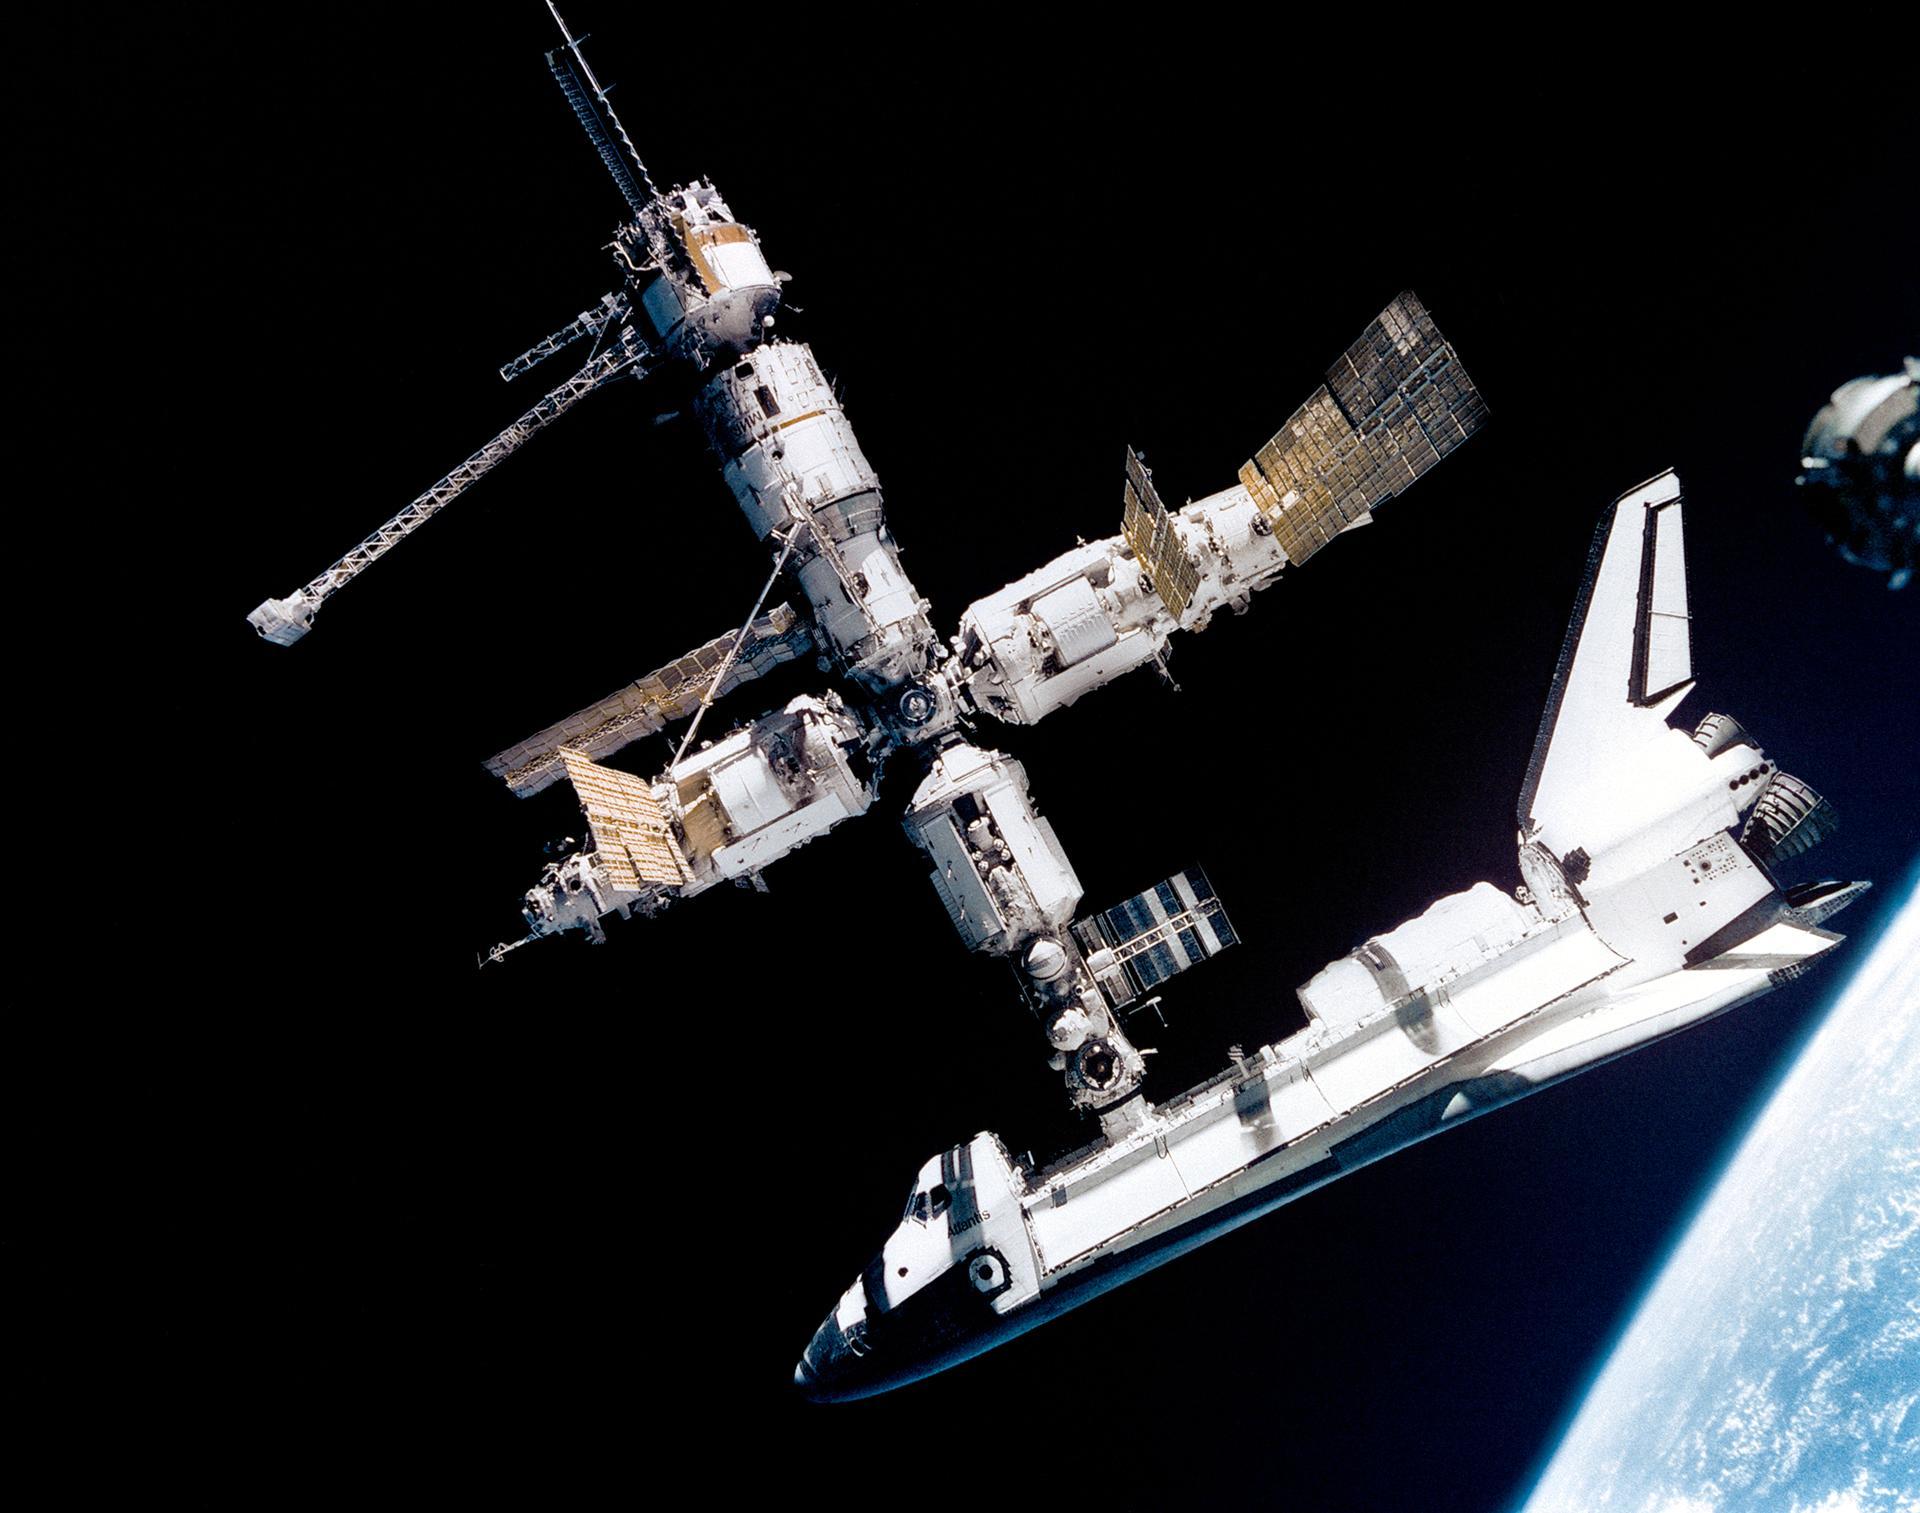 Fotografía del transbordador Atlantis mientras estaba anclado a la MIR, estación espacial rusa. Crédito: web nasa.gov